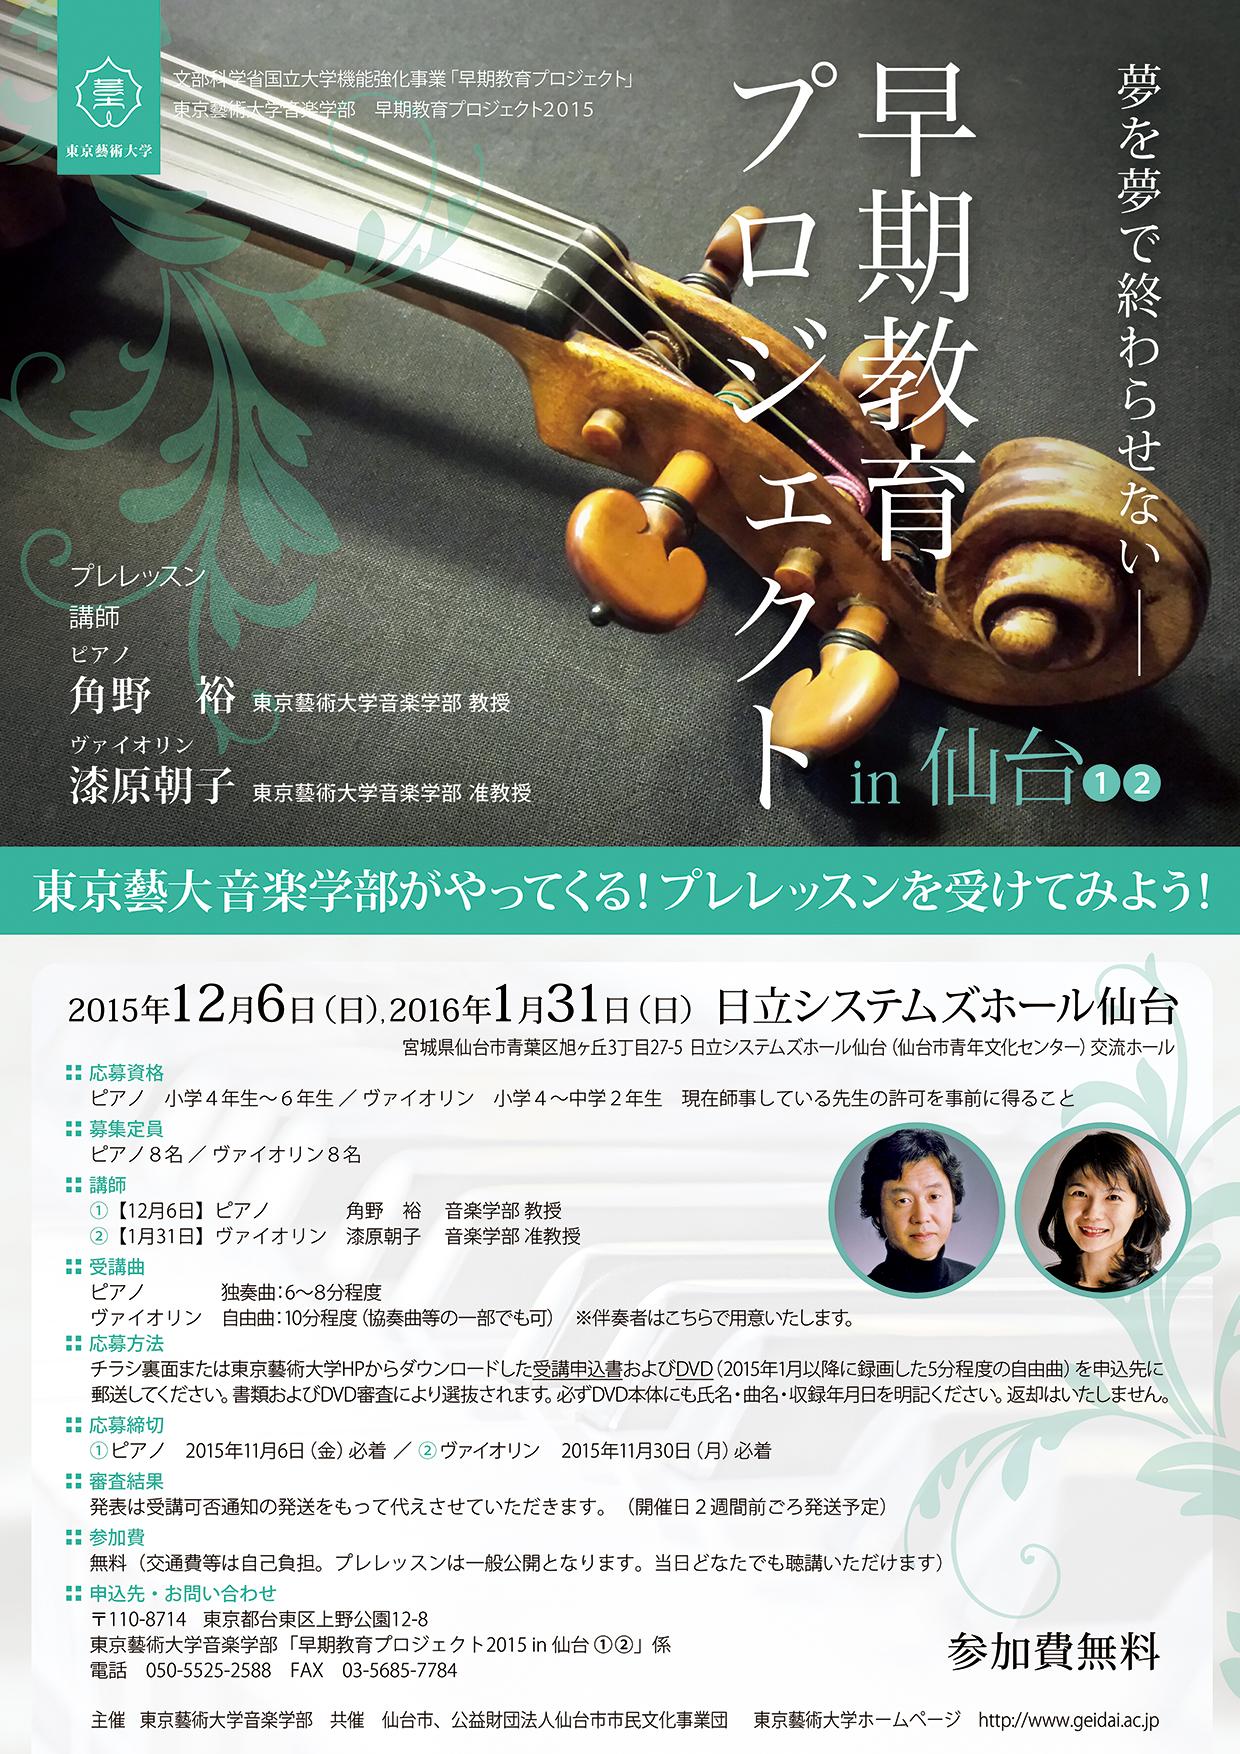 早期教育プロジェクトin仙台